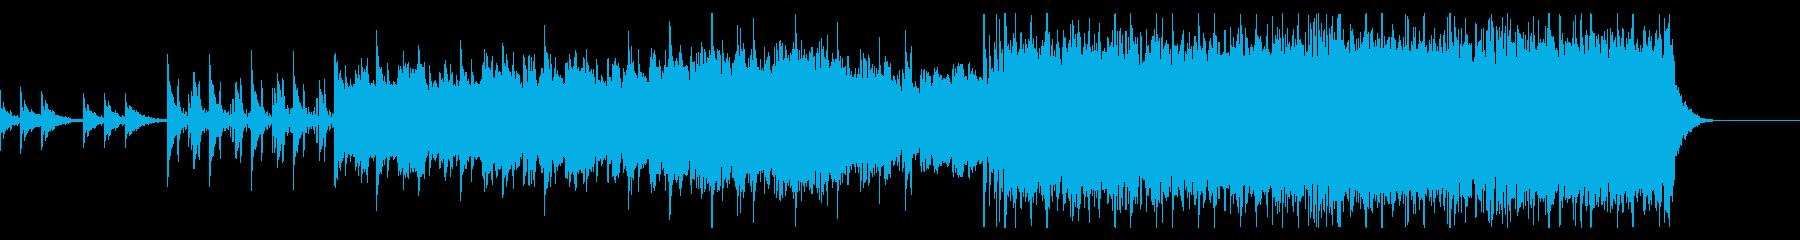 ゆっくり広がりながら展開するポストロックの再生済みの波形